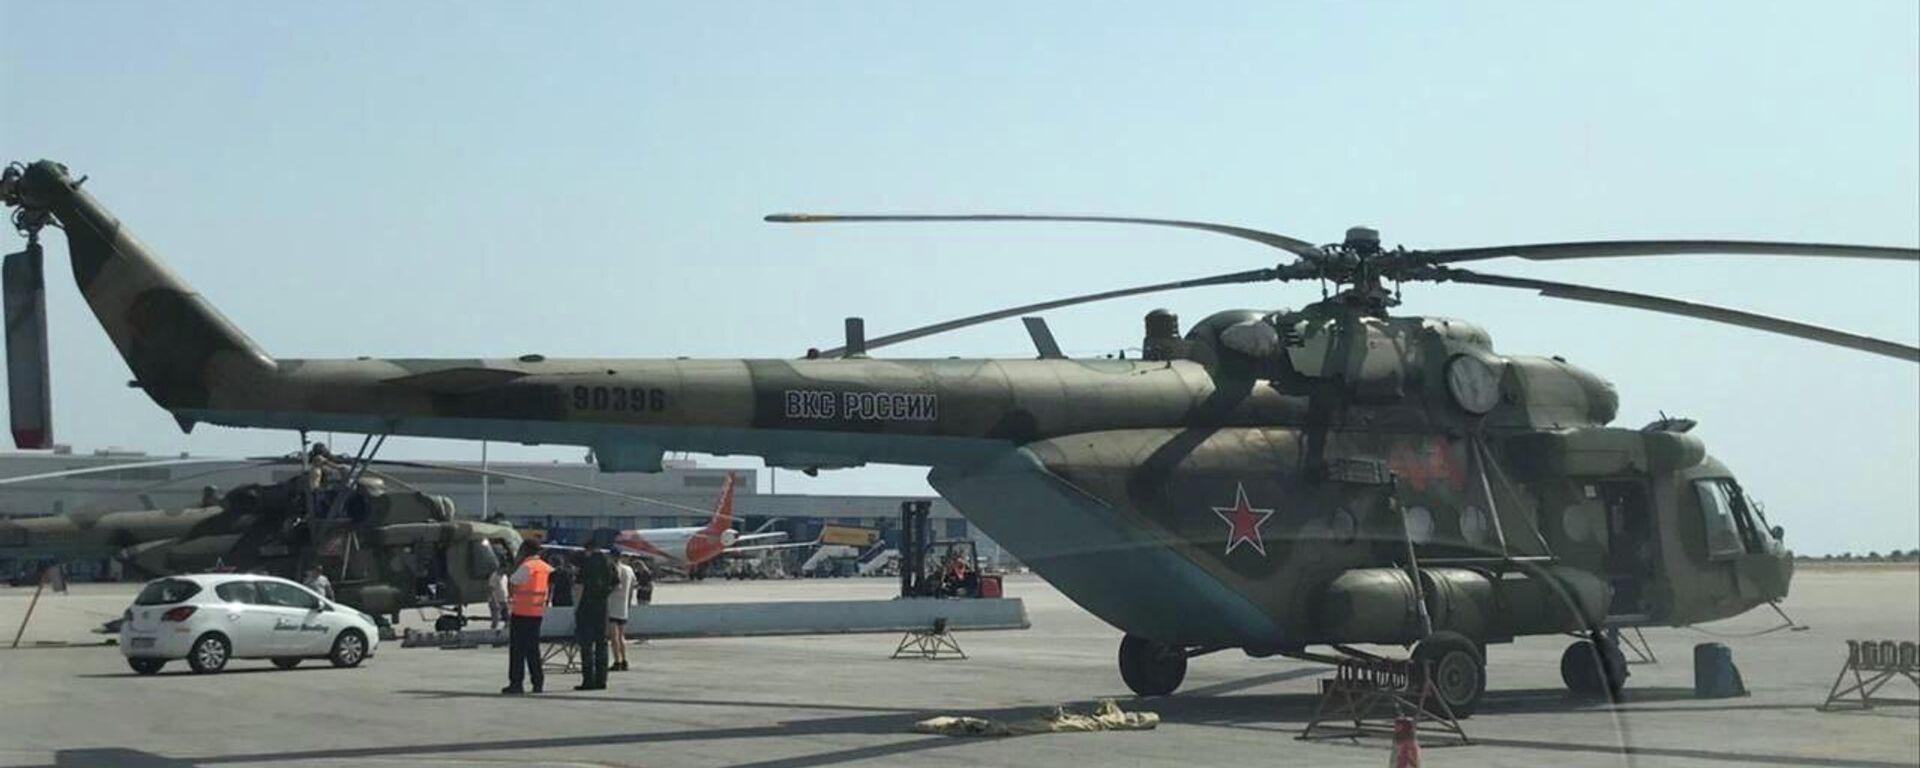 Τα ρωσικά ελικόπτερα Mi-8 στο Ελ. Βενιζέλος - Sputnik Ελλάδα, 1920, 11.08.2021